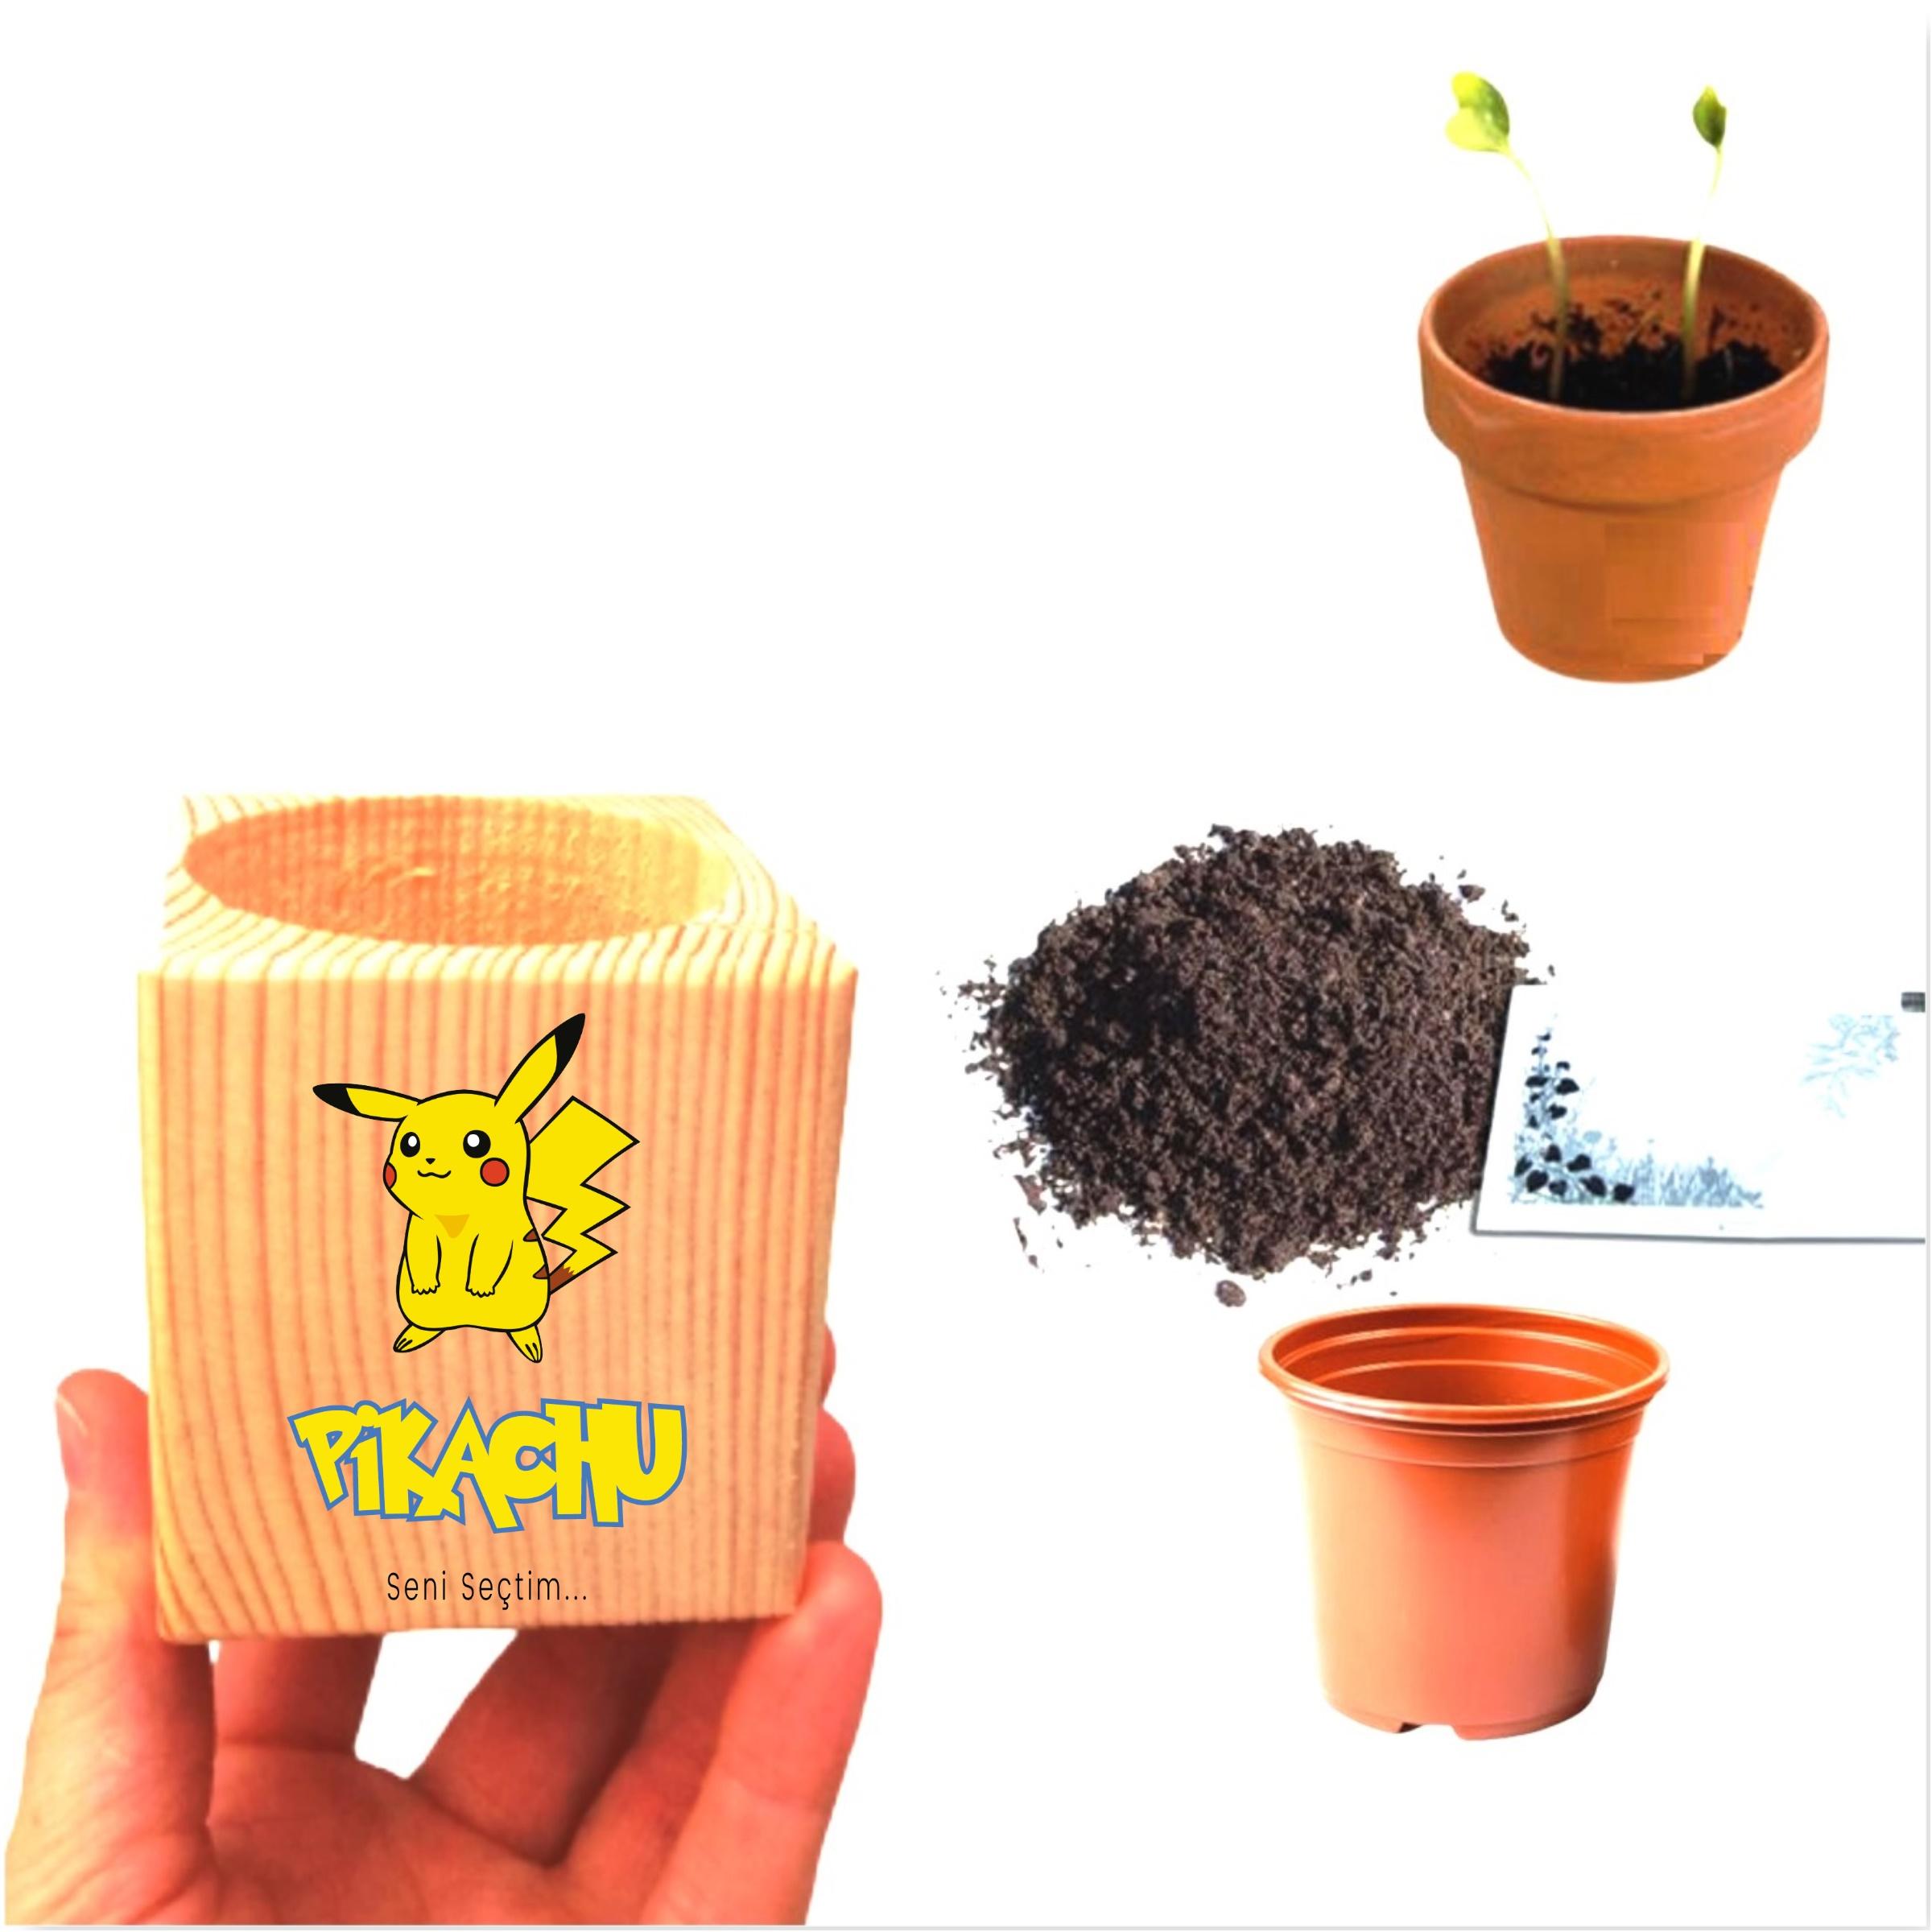 Özel Tasarım Seni Seçtim Pikachu Papatya Ekim Seti